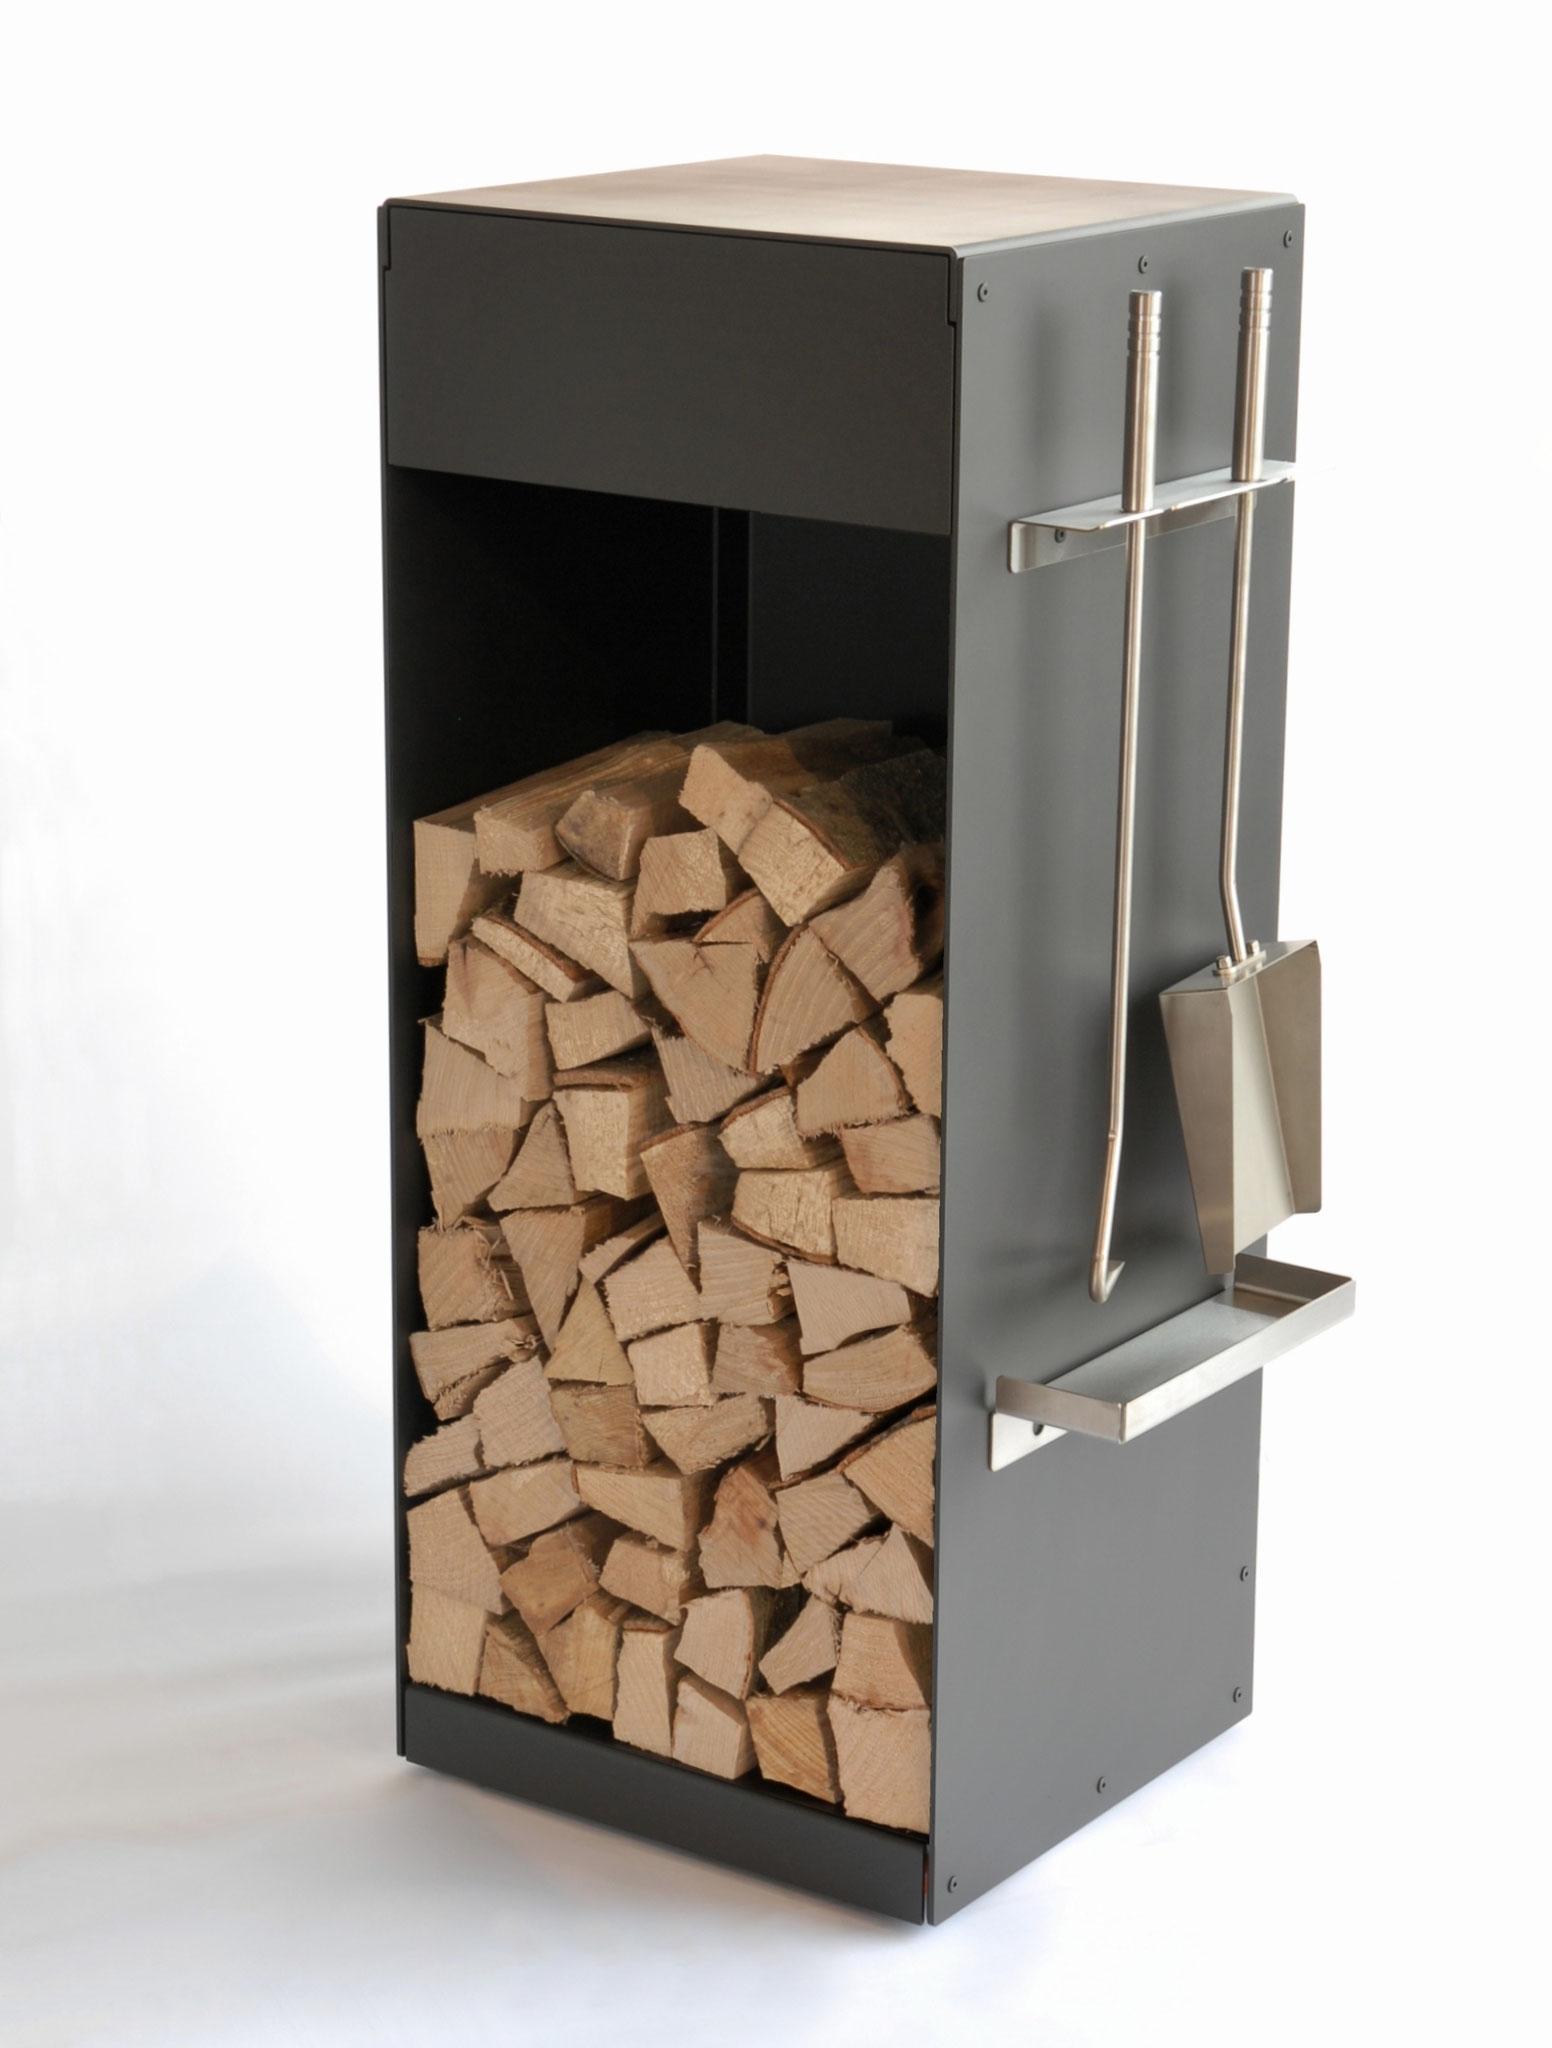 Greub Holzbox mit Schublade, Rollen & Kaminbesteck